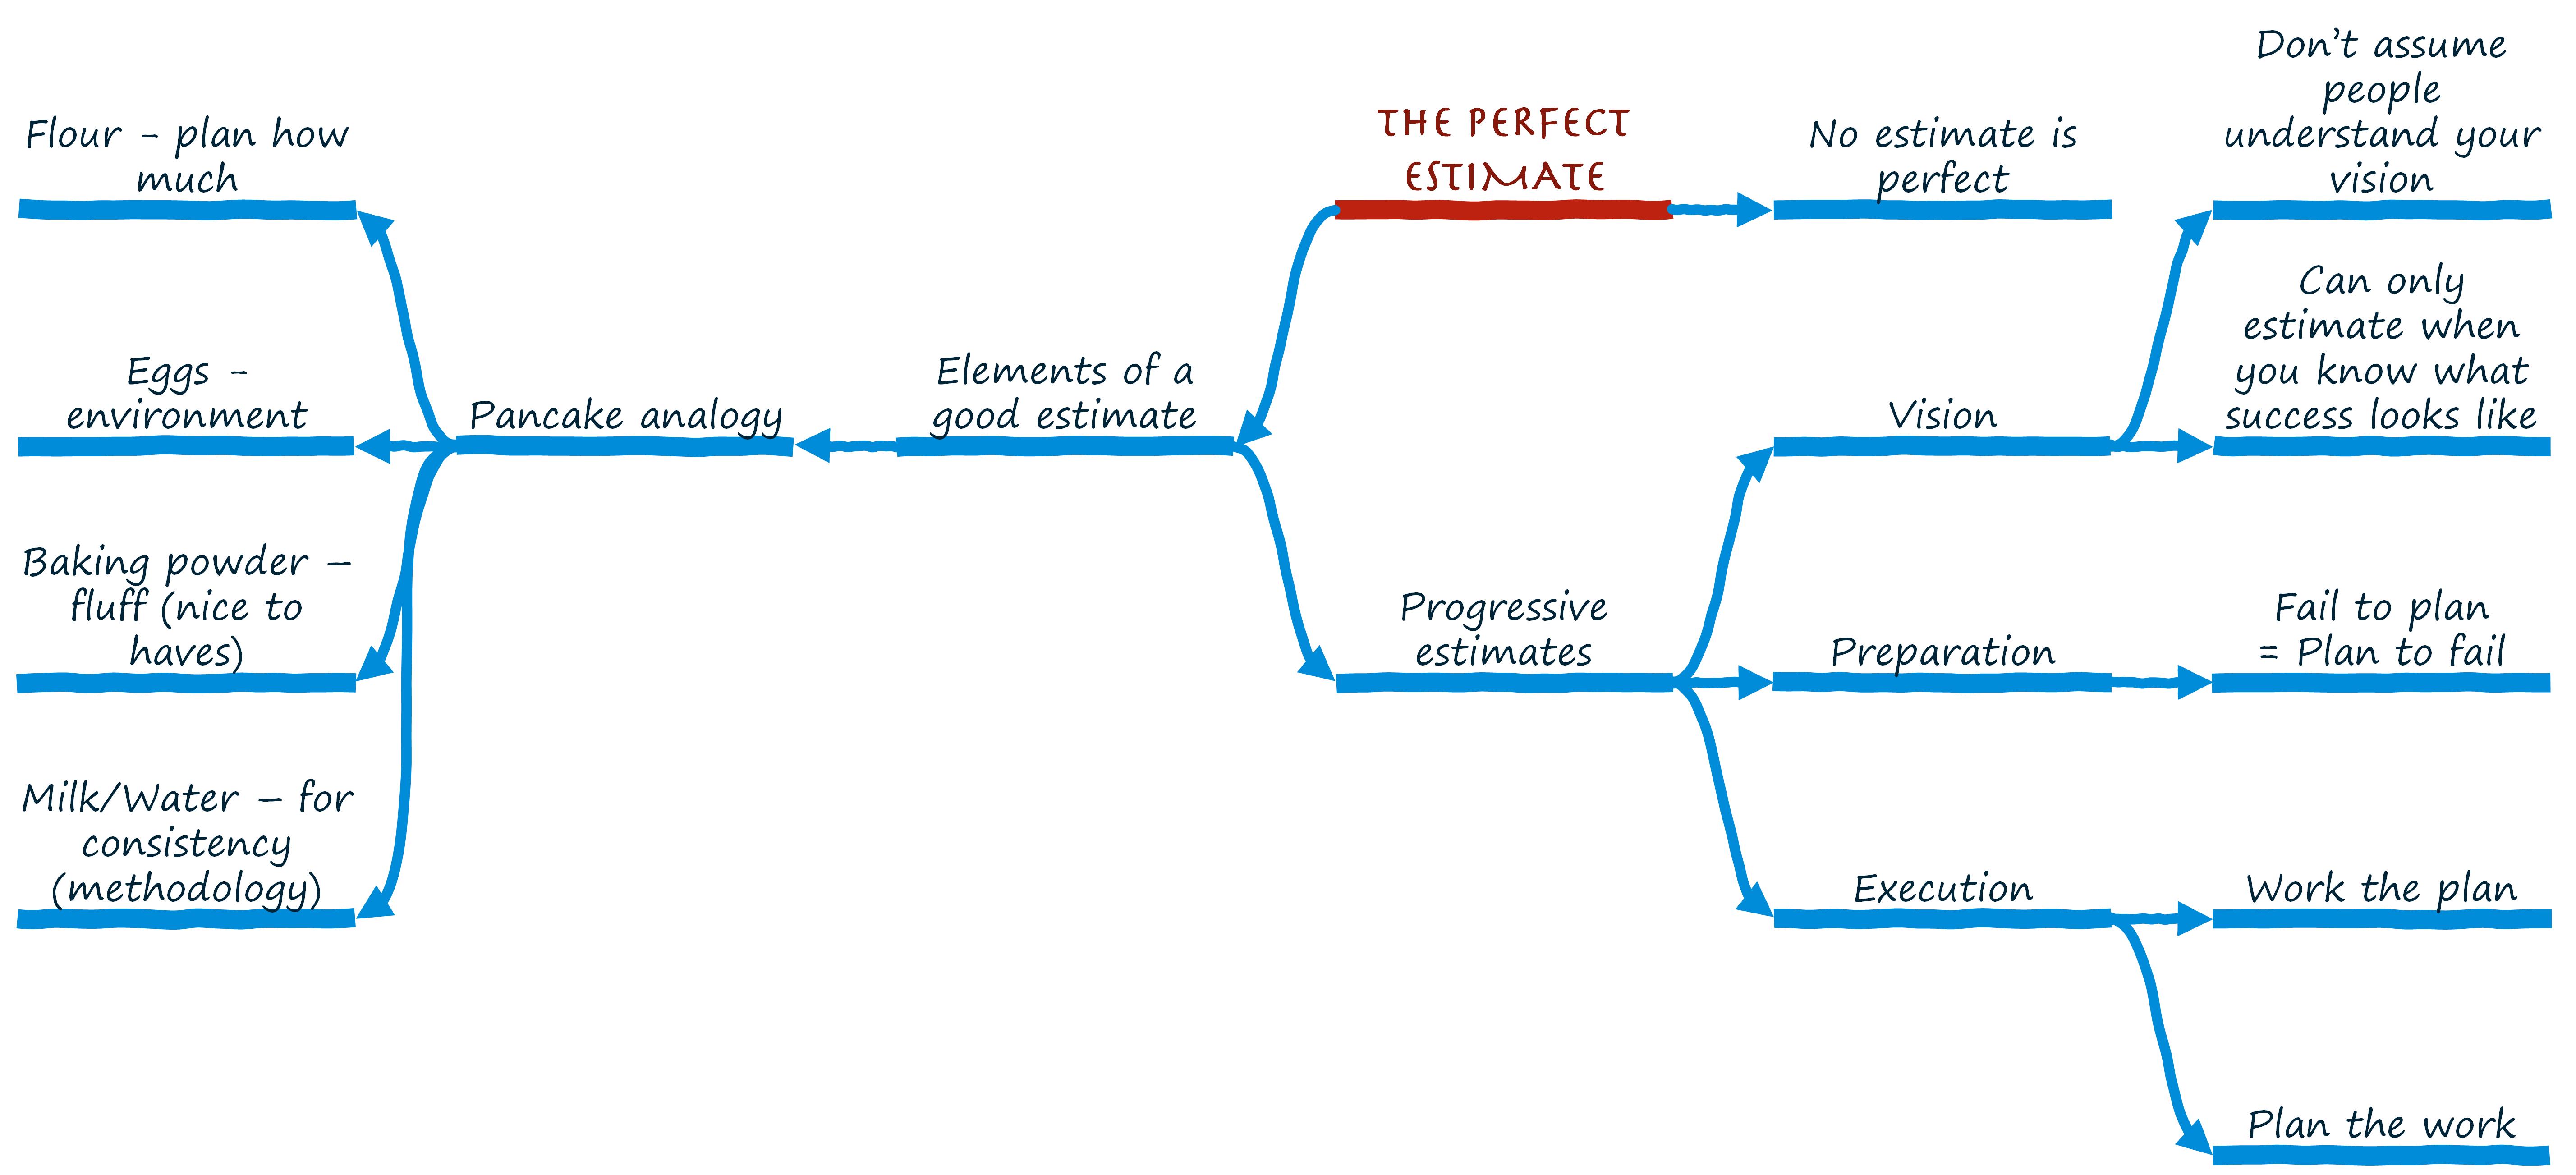 how to do estimates